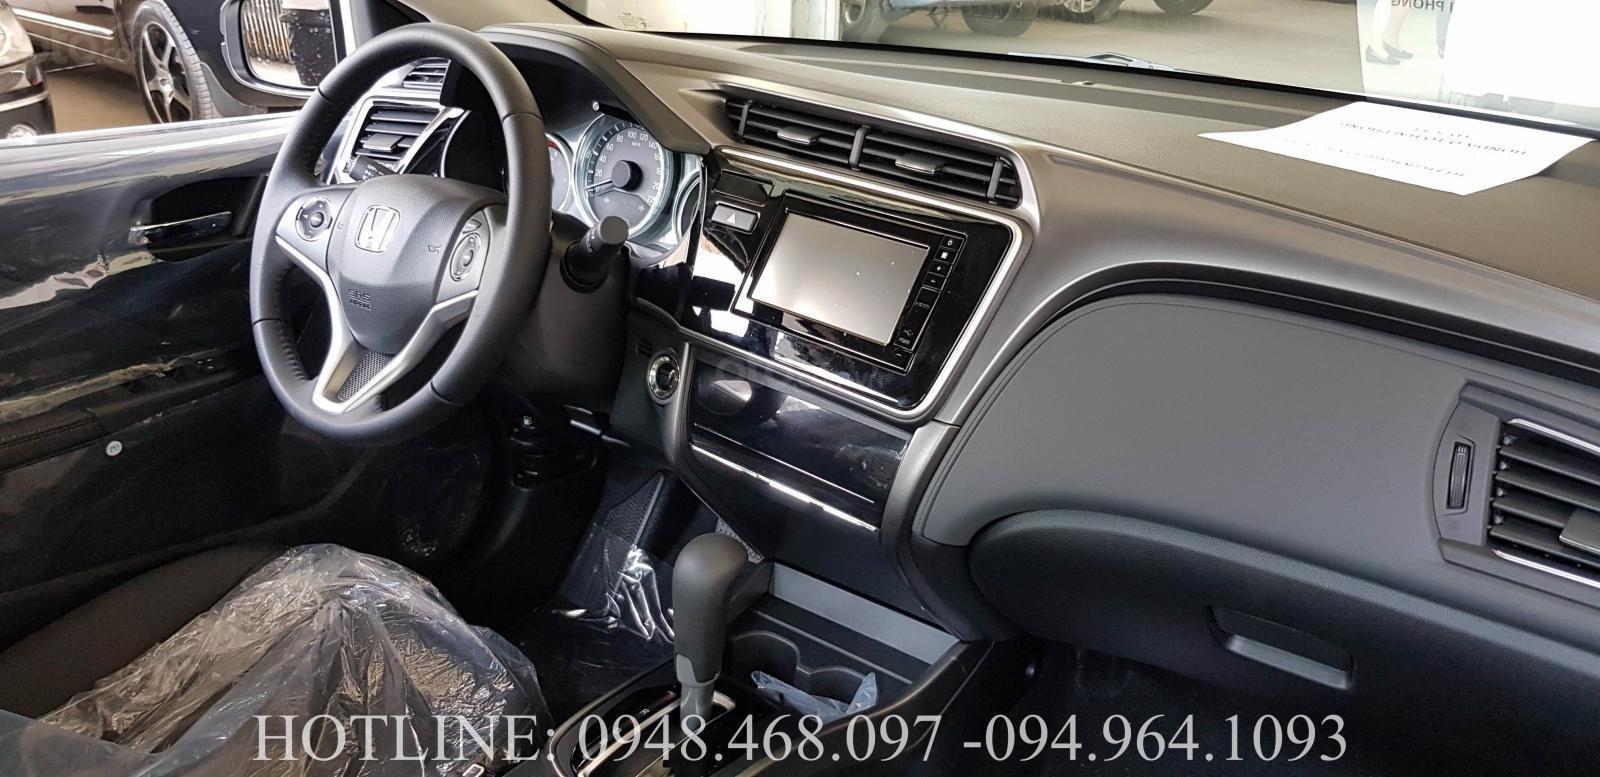 [Honda ô tô Hải Dương] Bán xe Honda City 1.5 L - Giá tốt nhất - Hotline: 094.964.1093 (4)